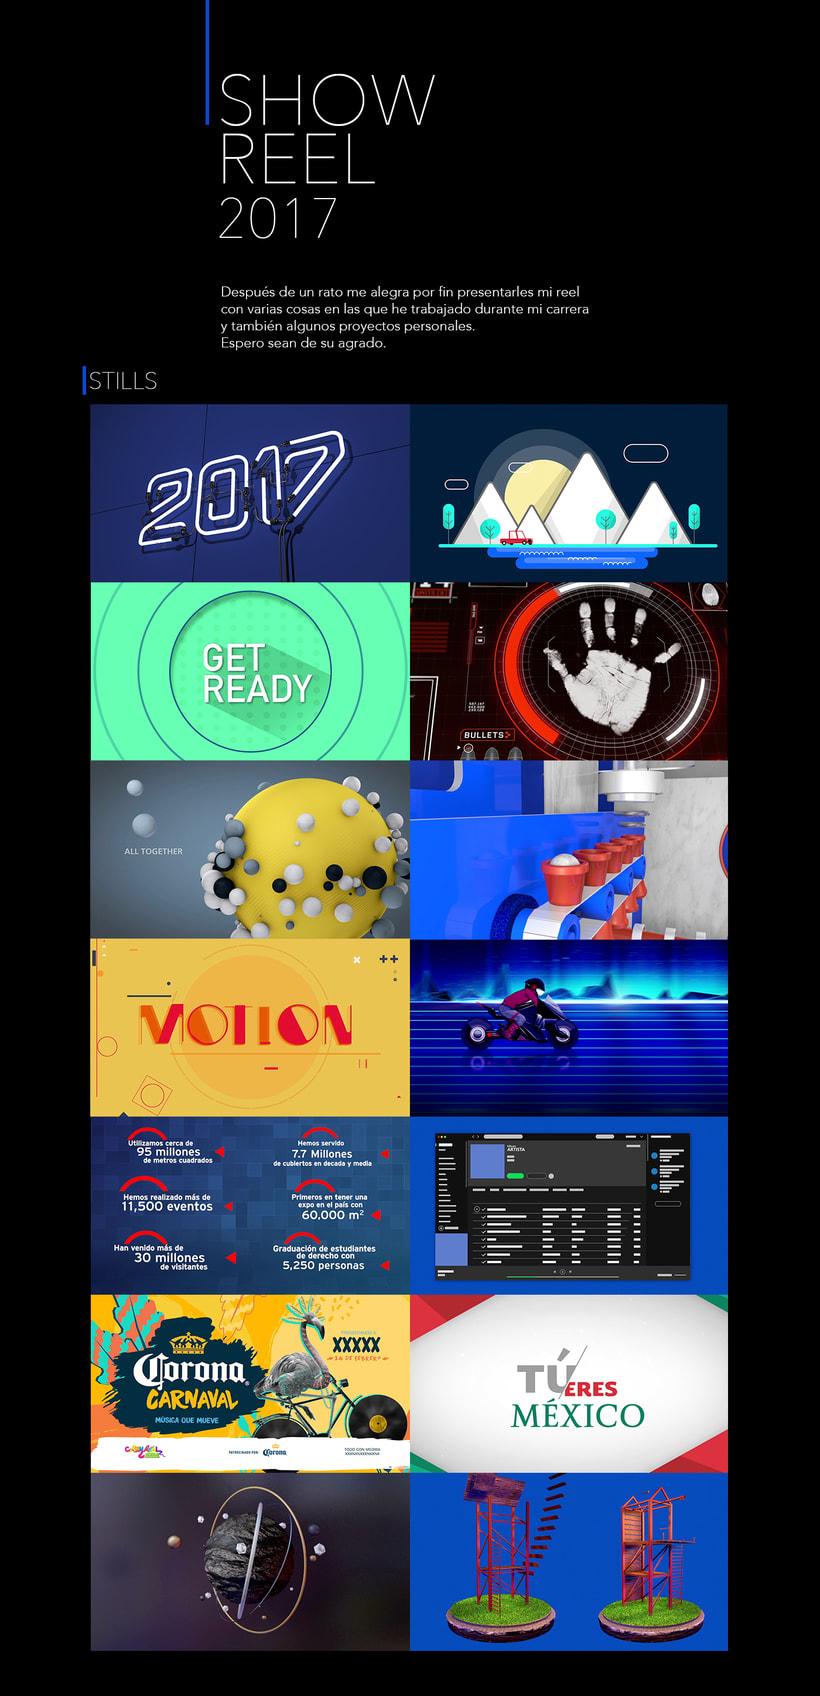 SHOW REEL 2017 -1